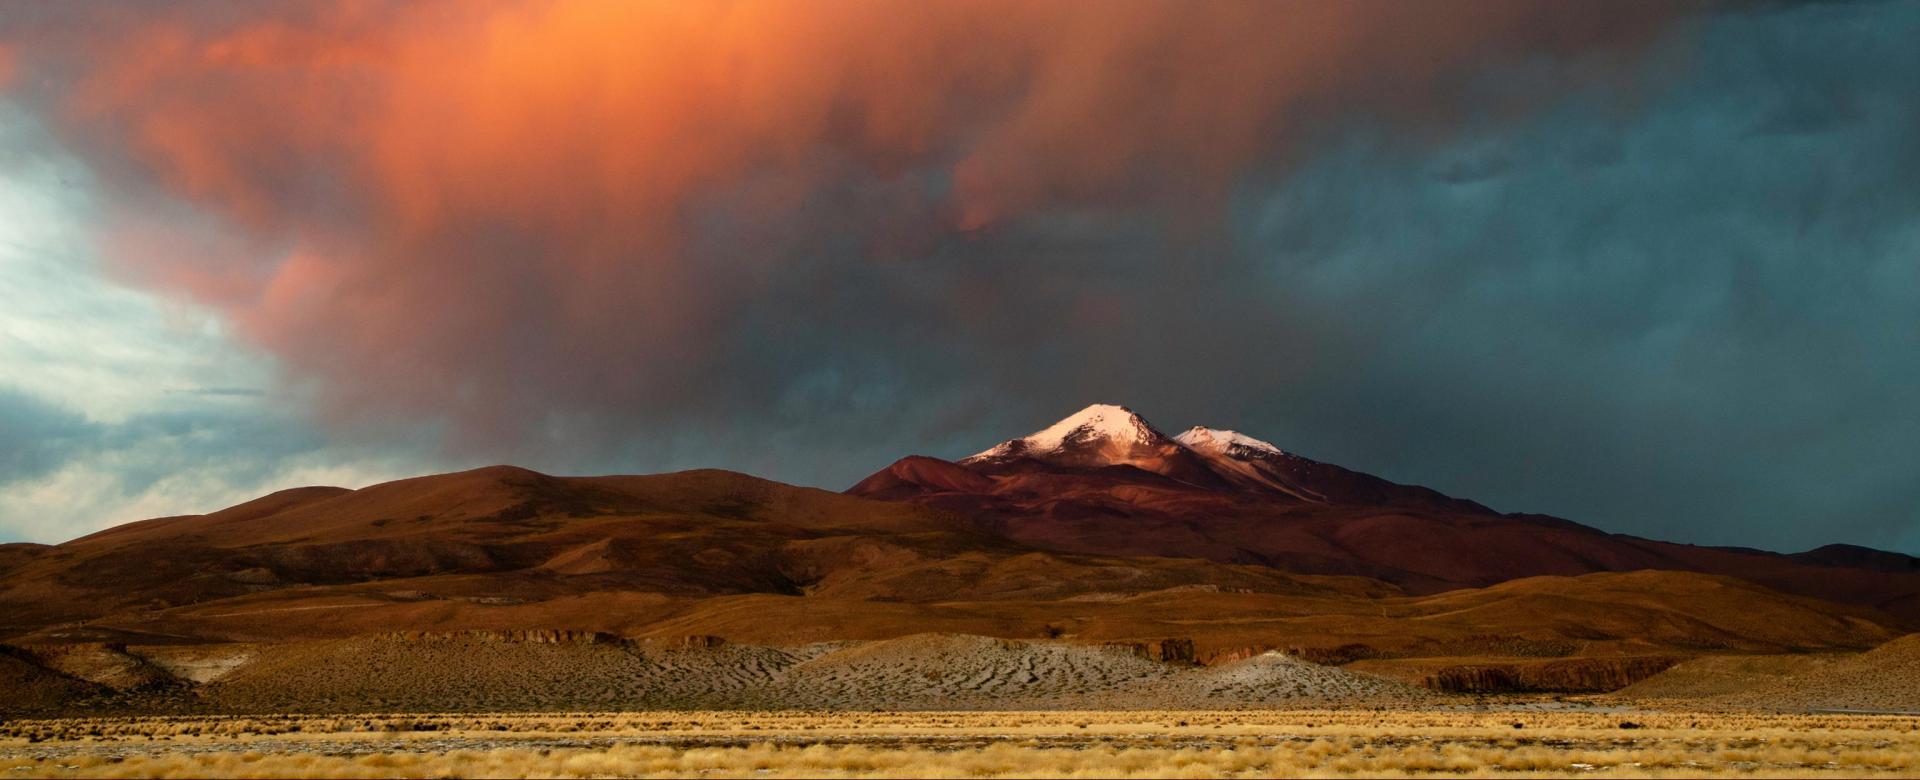 Voyage à pied : Les volcans du sud-lípez (22 j)